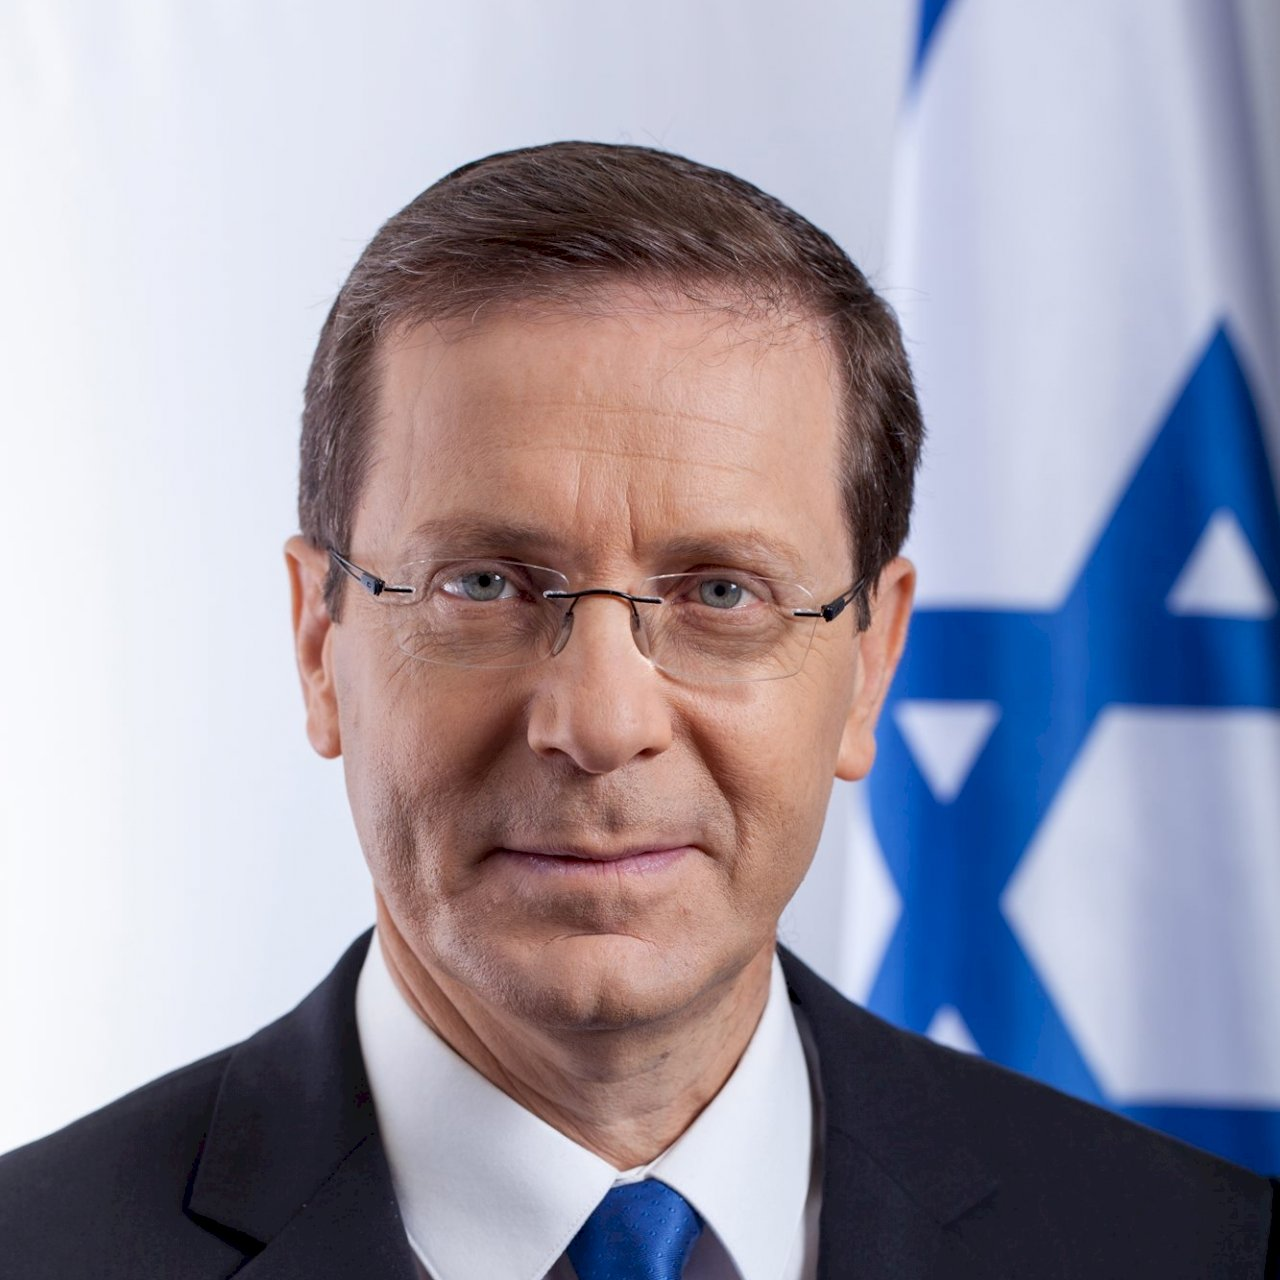 以色列總統與約旦國王秘密會面 兩國關係持續改善